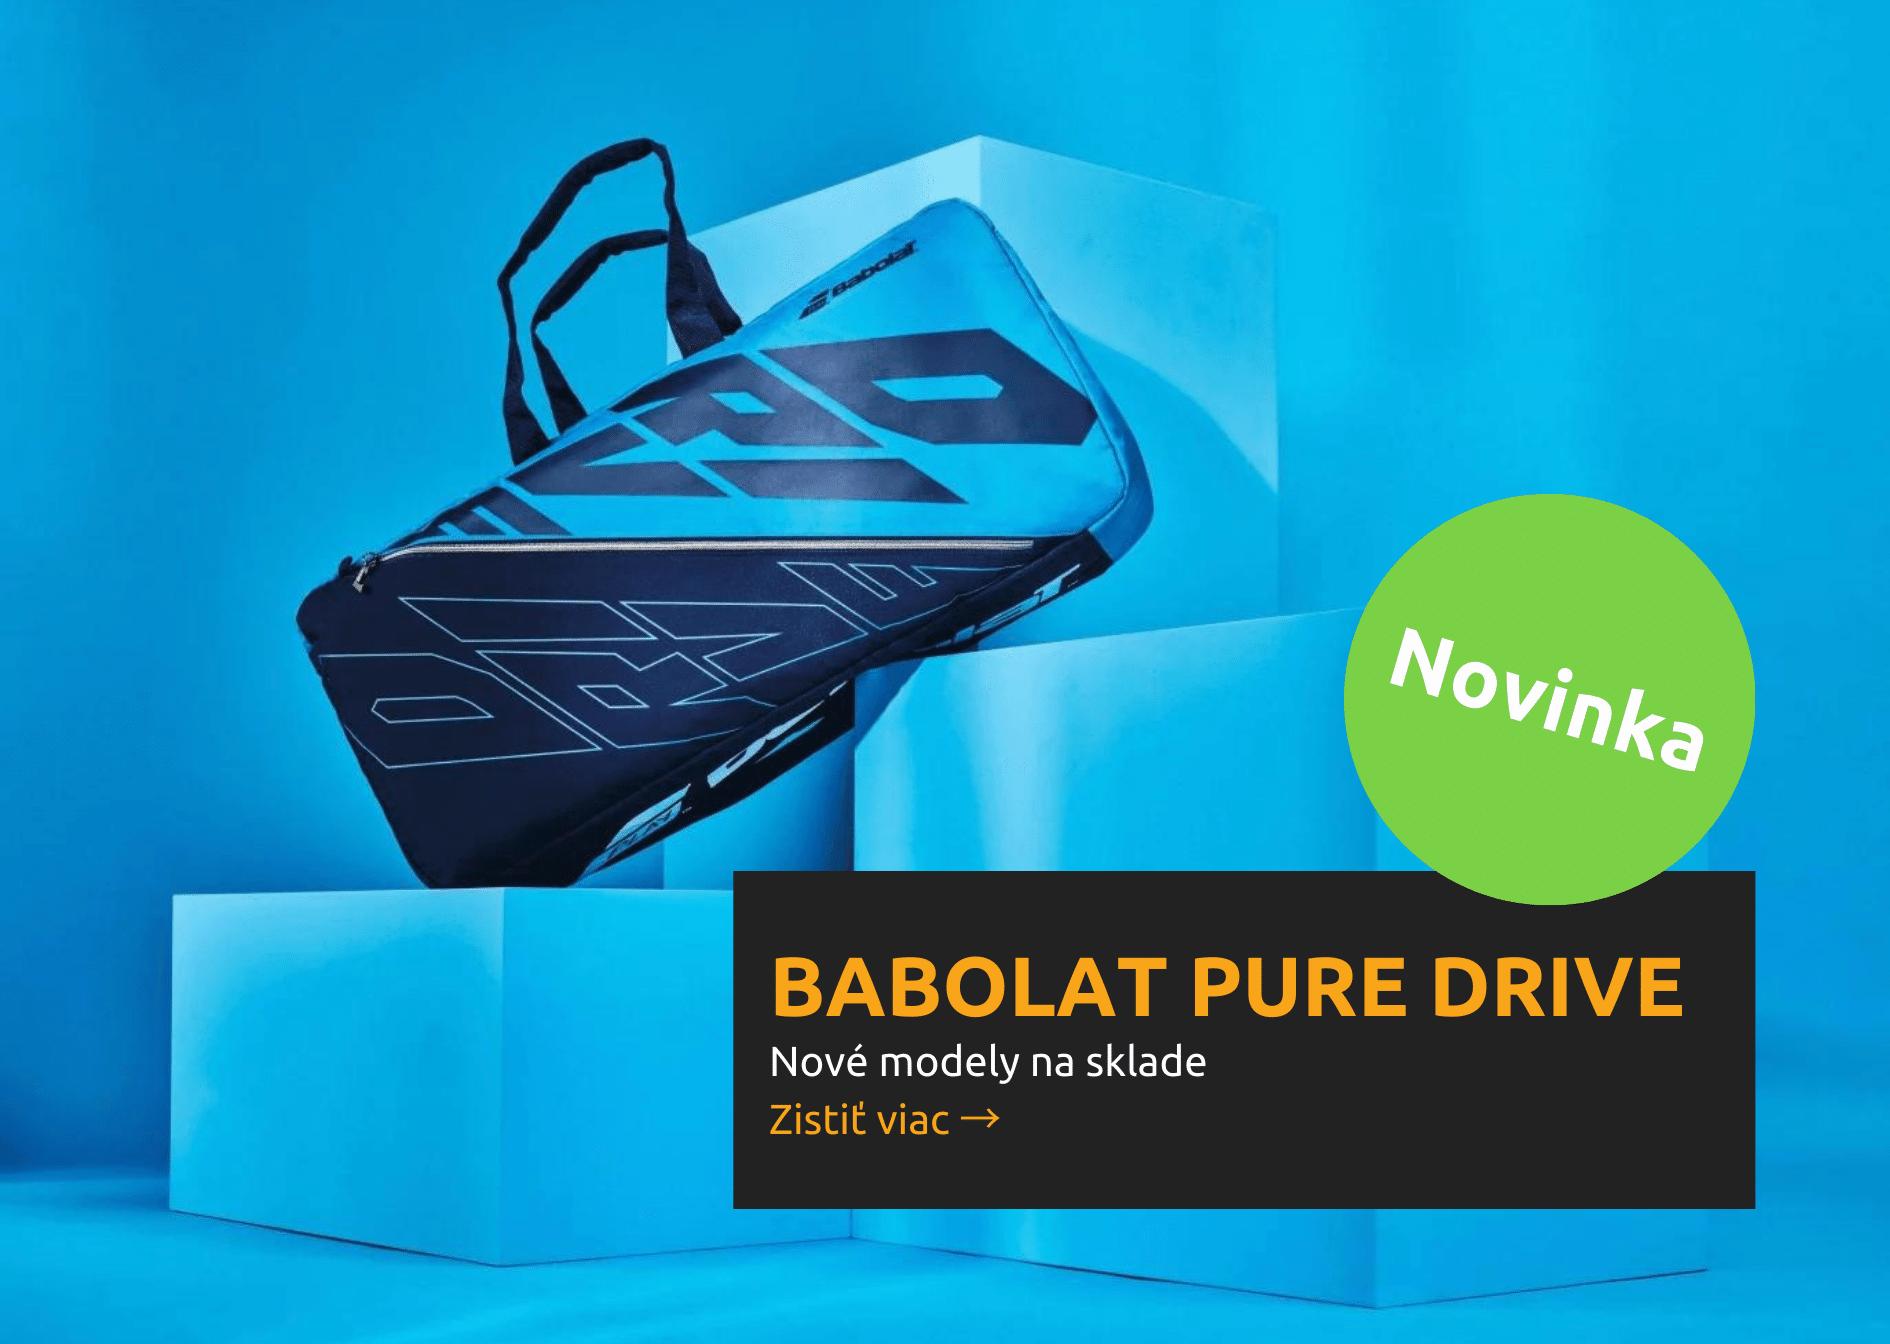 Babolat Pure Drive